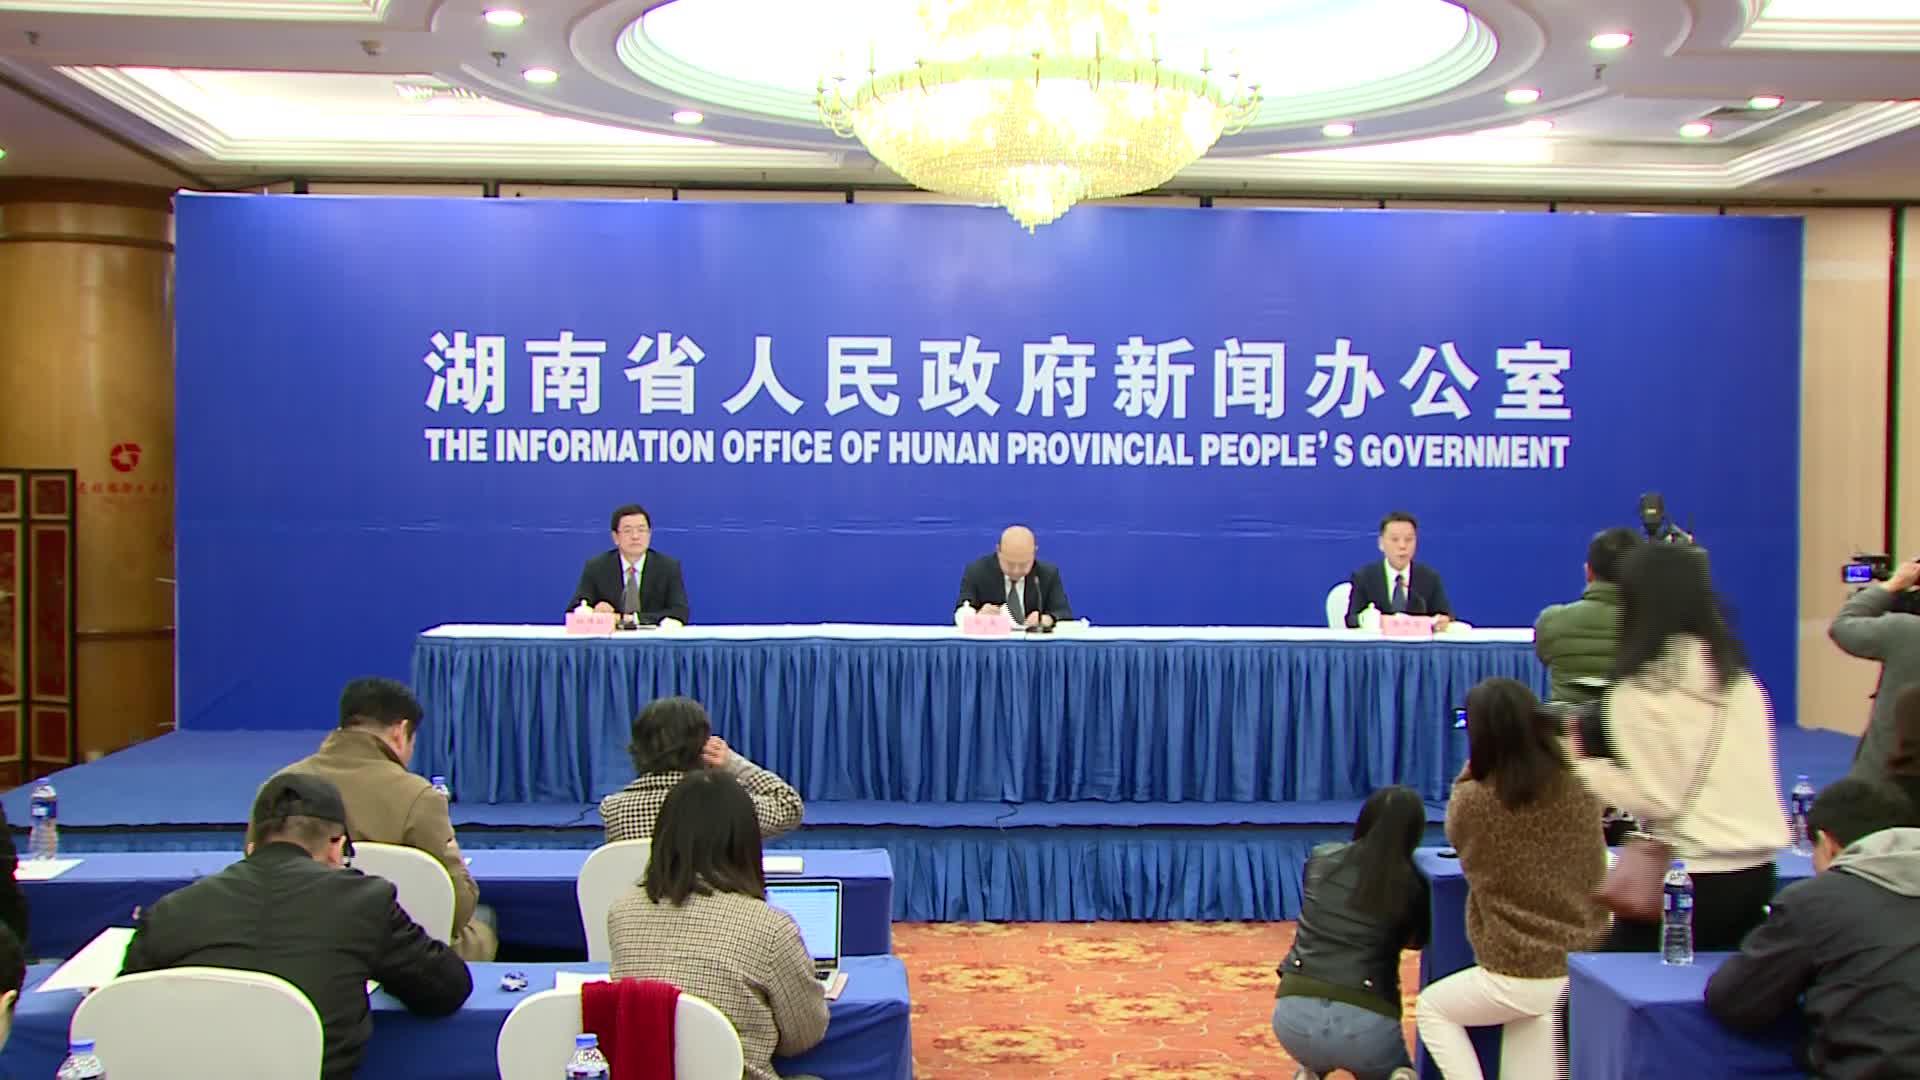 【全程回放】湖南省科协成立60周年暨首届中国创新方法大赛新闻发布会